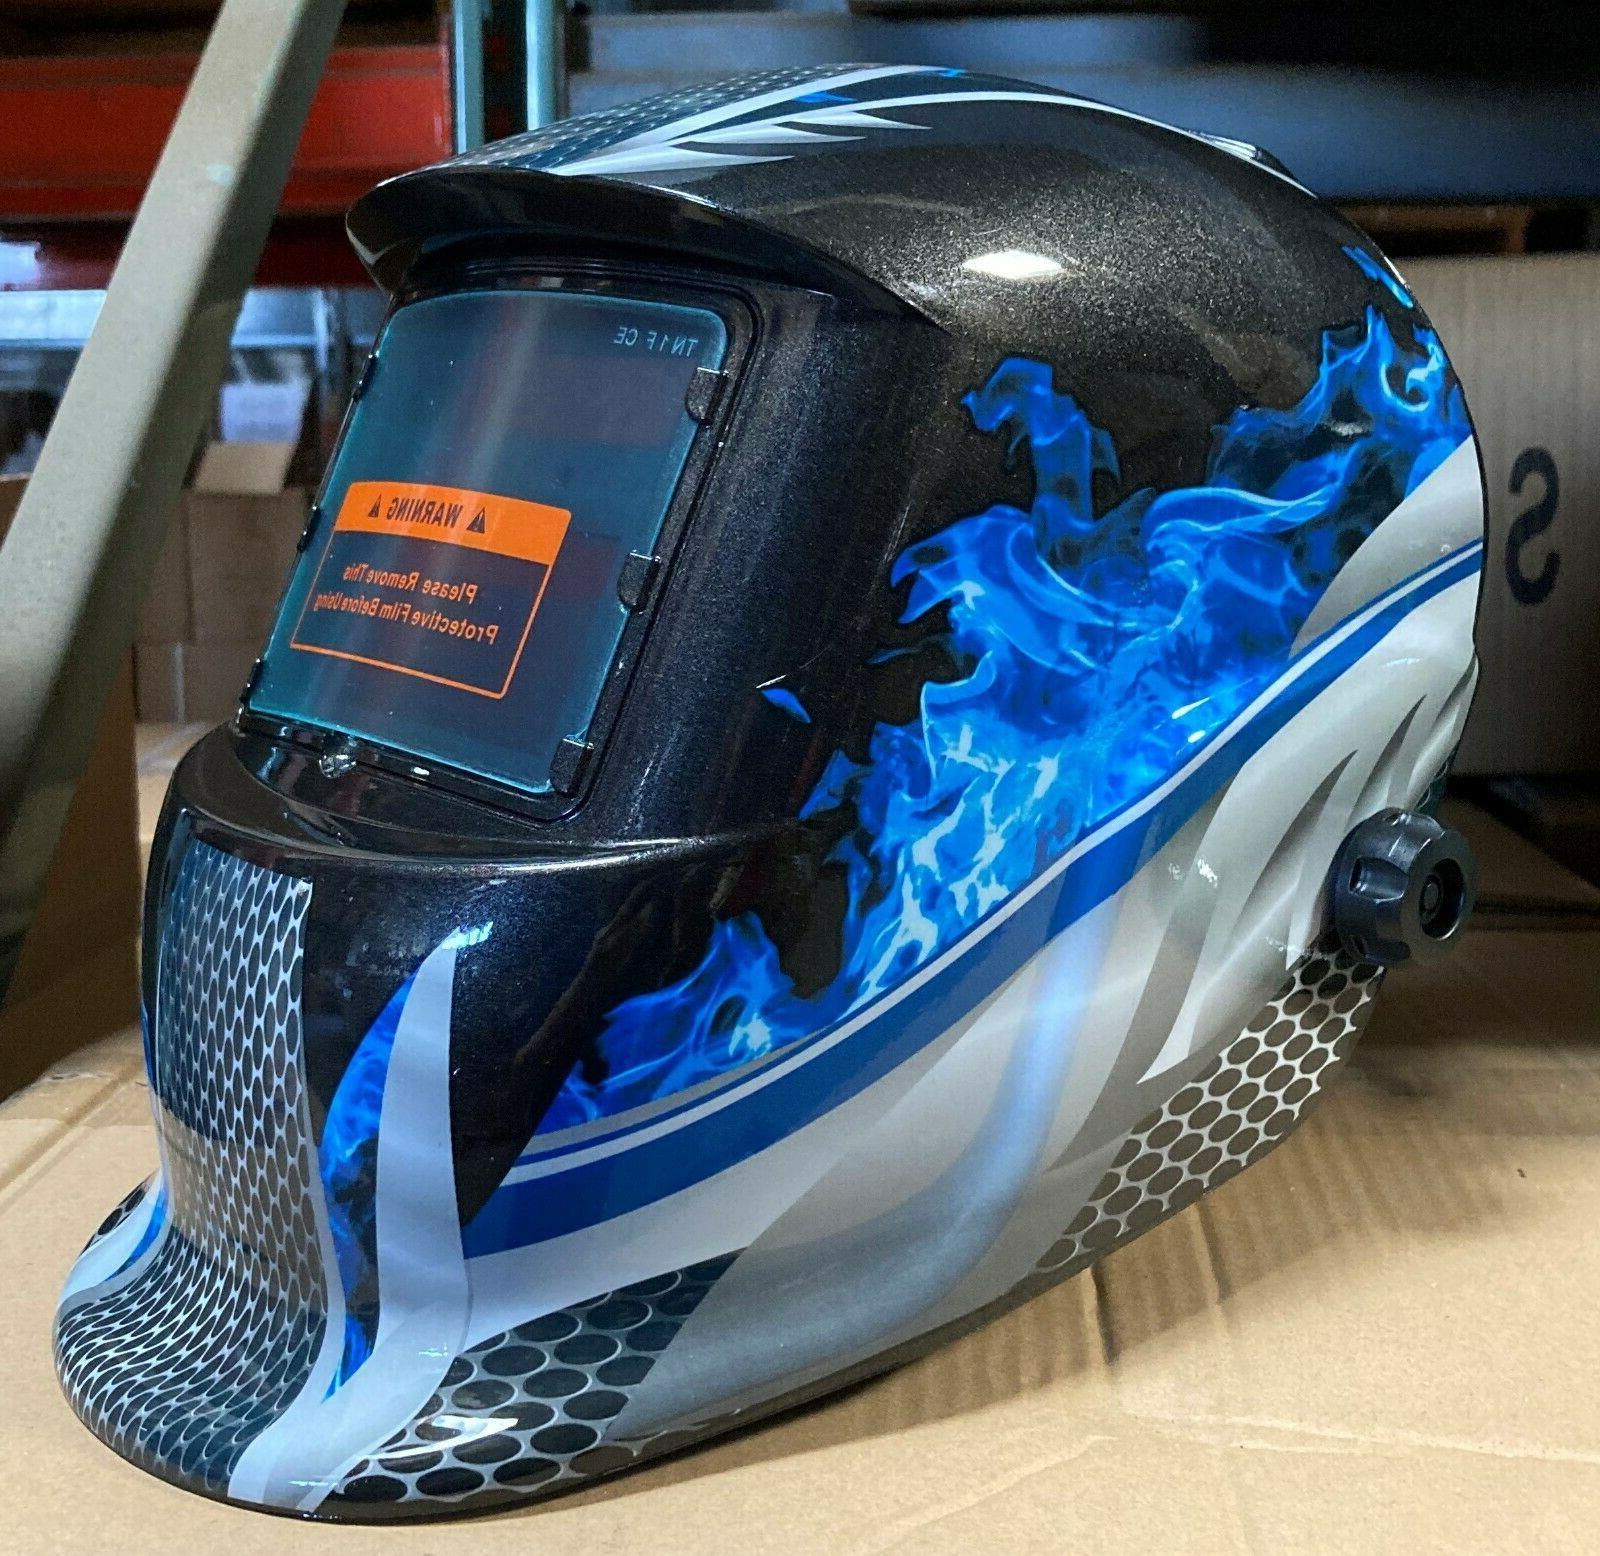 fsk certified mask auto darkening